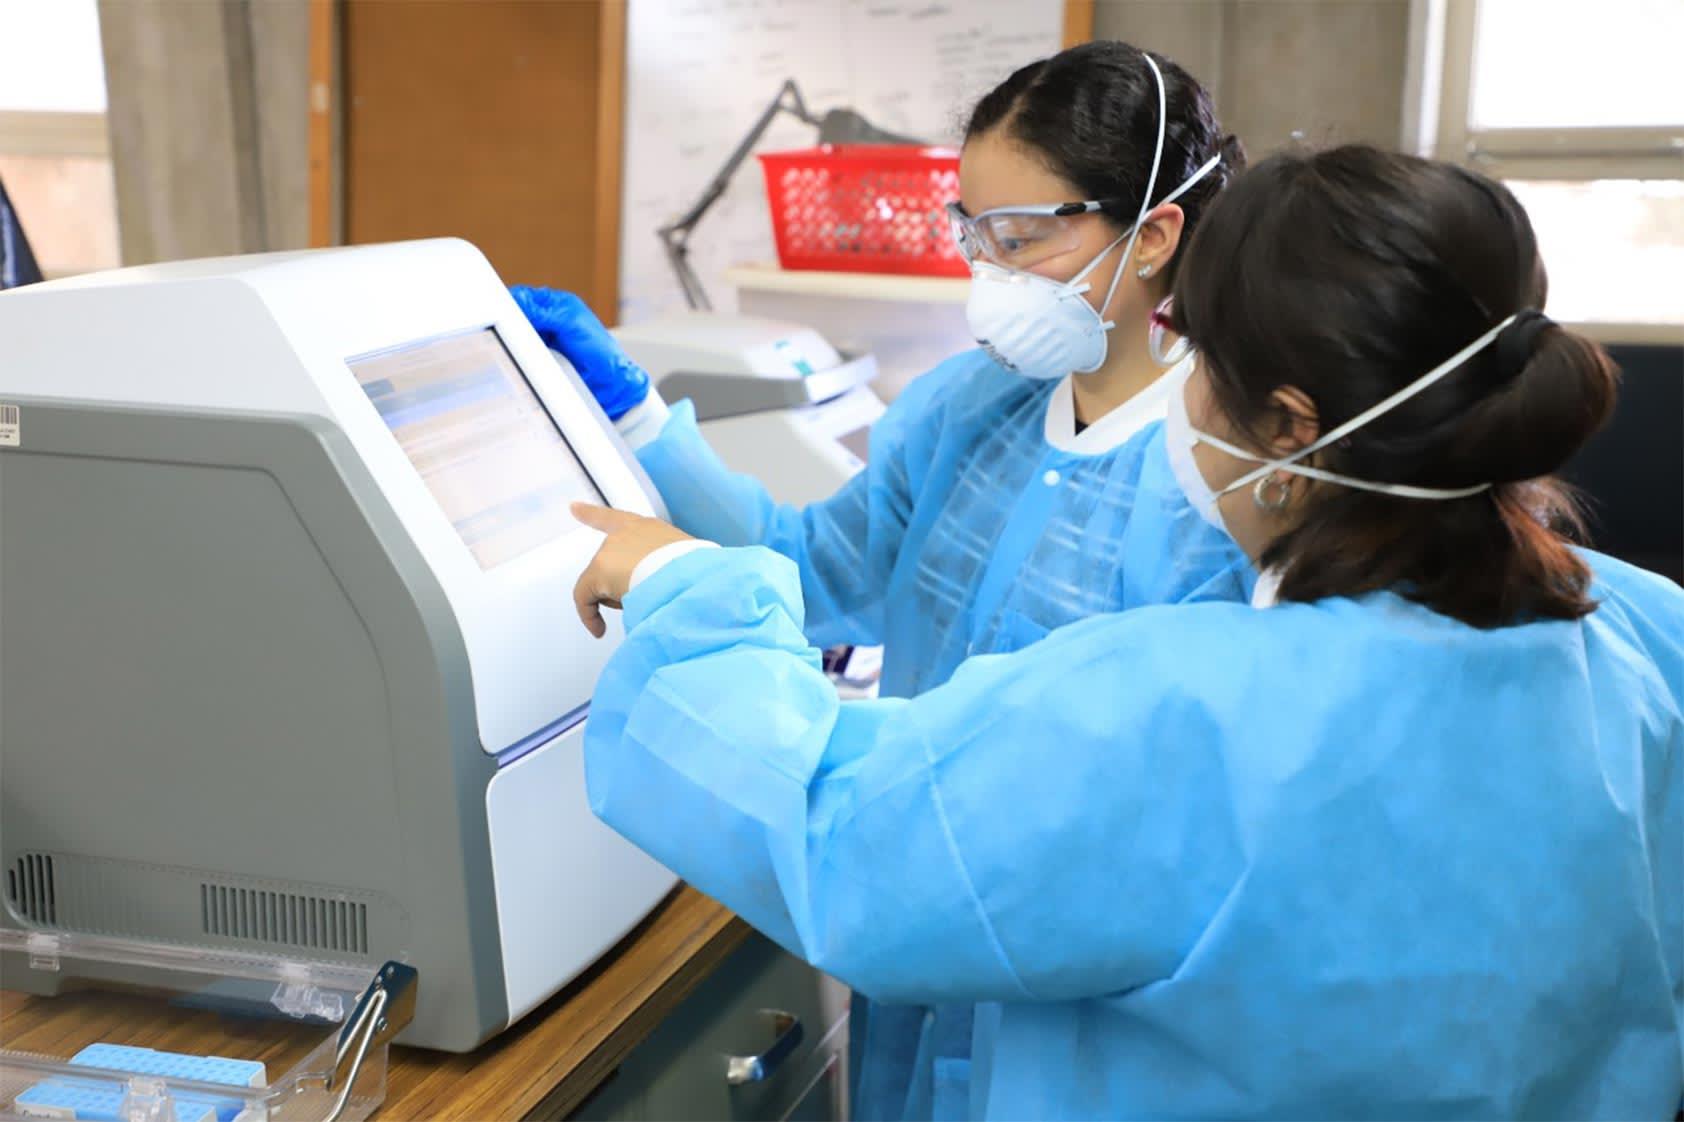 Contribuimos para fortalecer el procesamiento de pruebas en Quetzaltenango